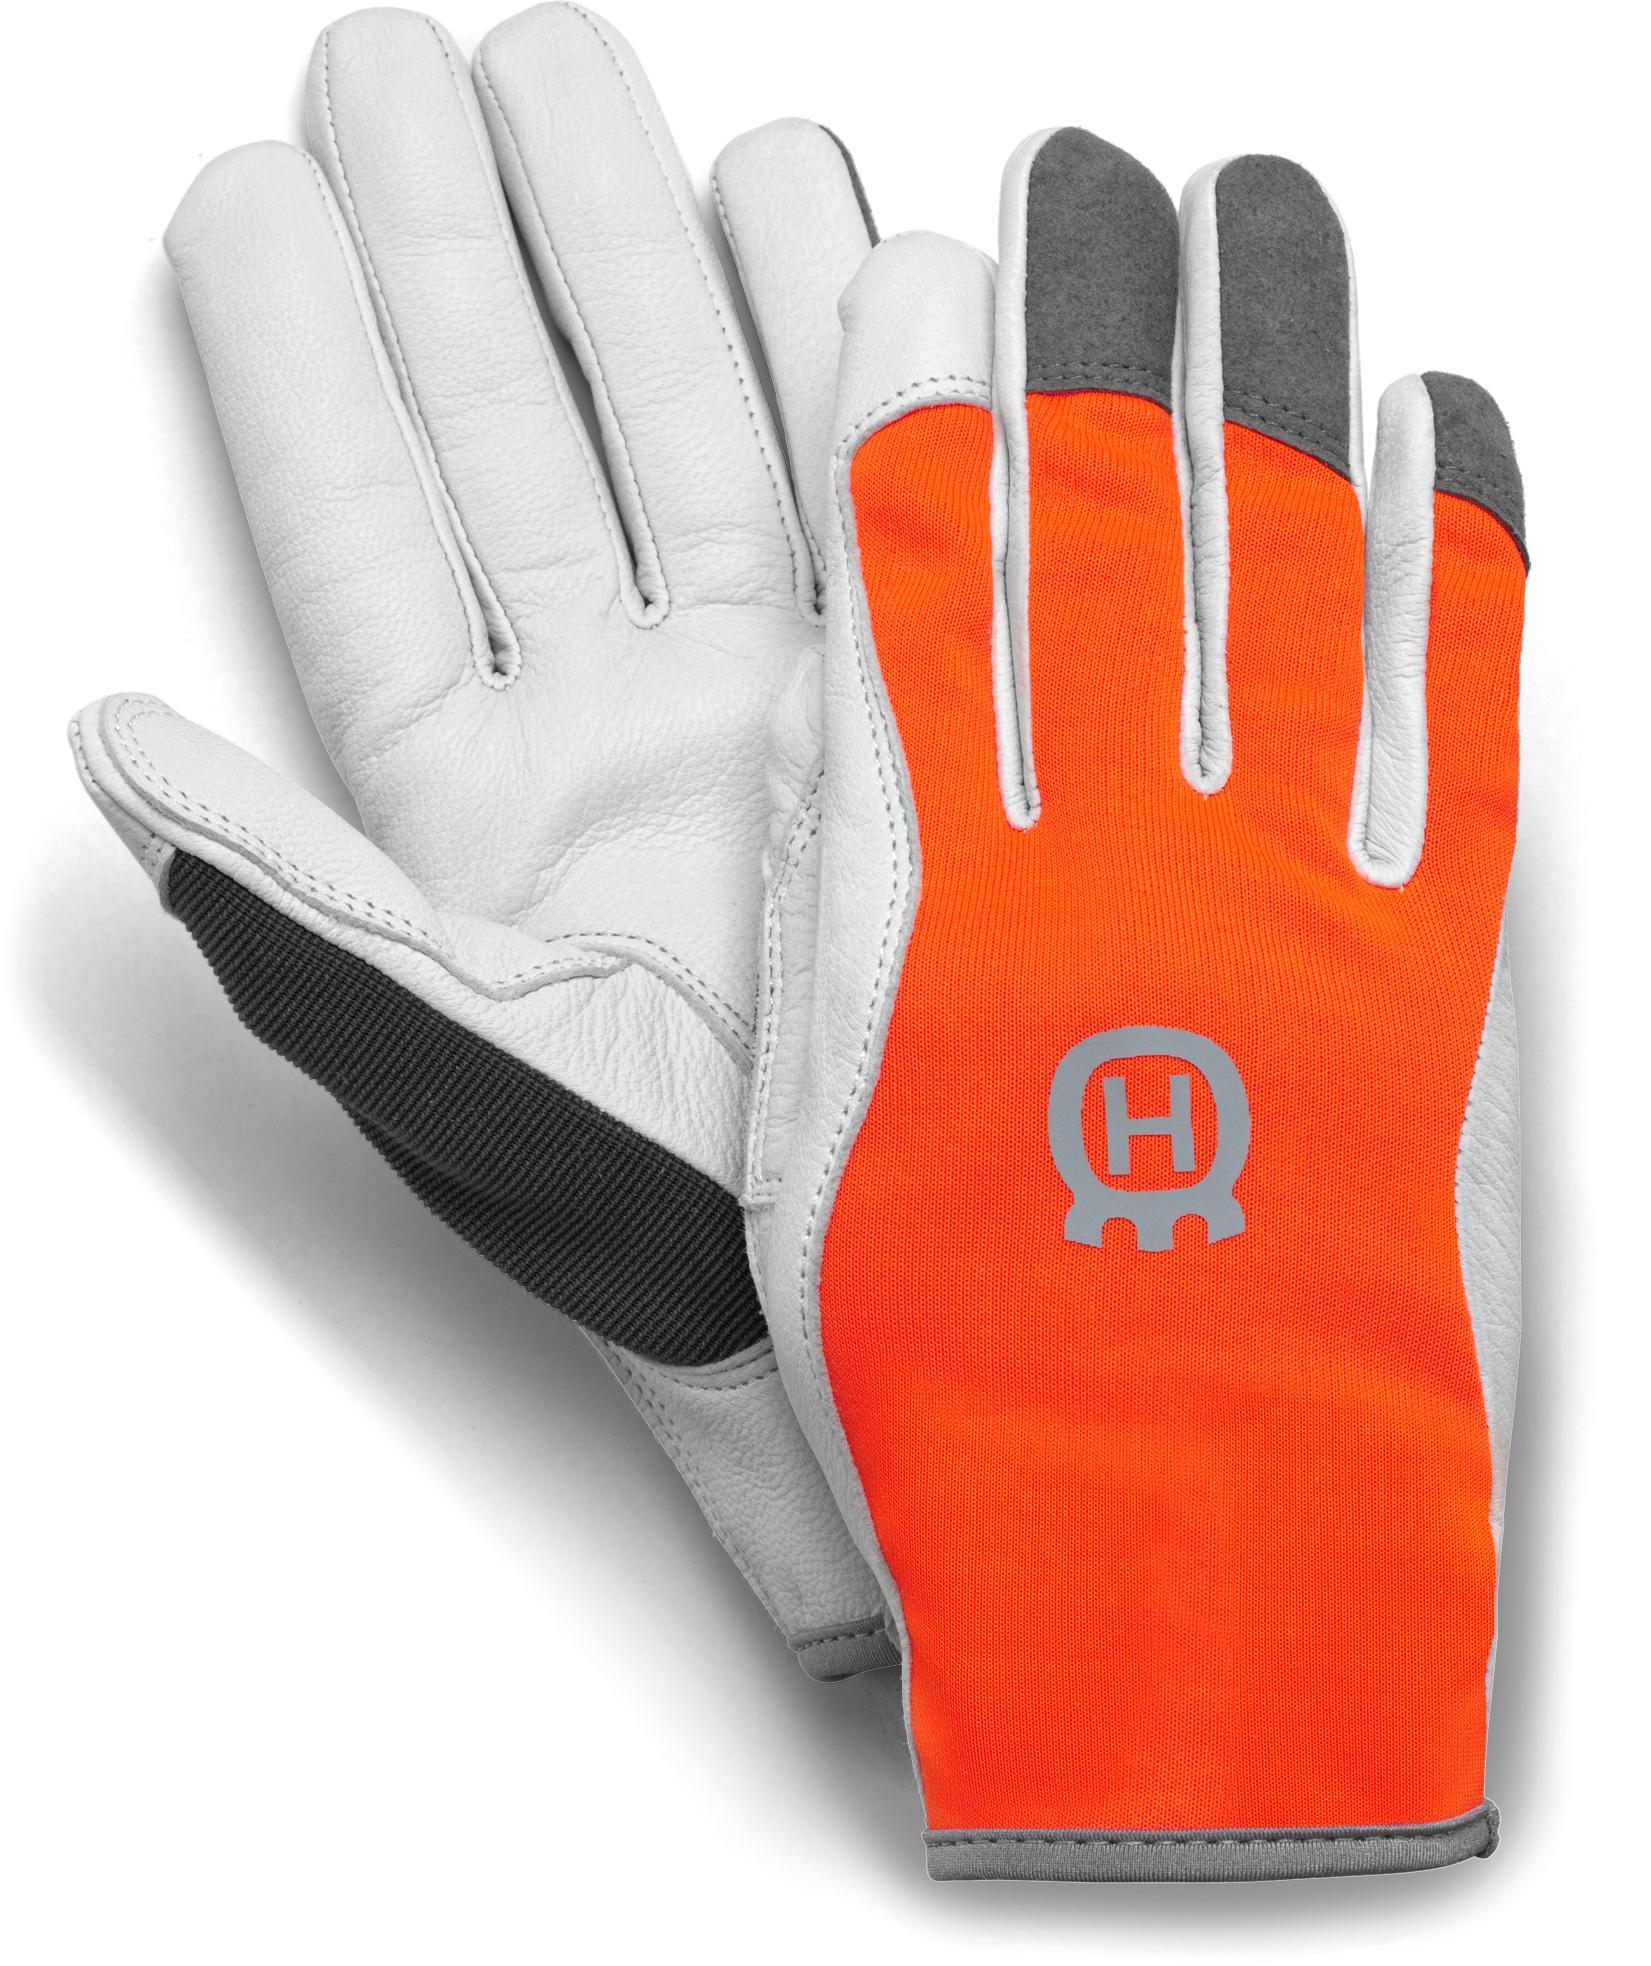 Перчатки защитные Husqvarna Classic light 5963106-10